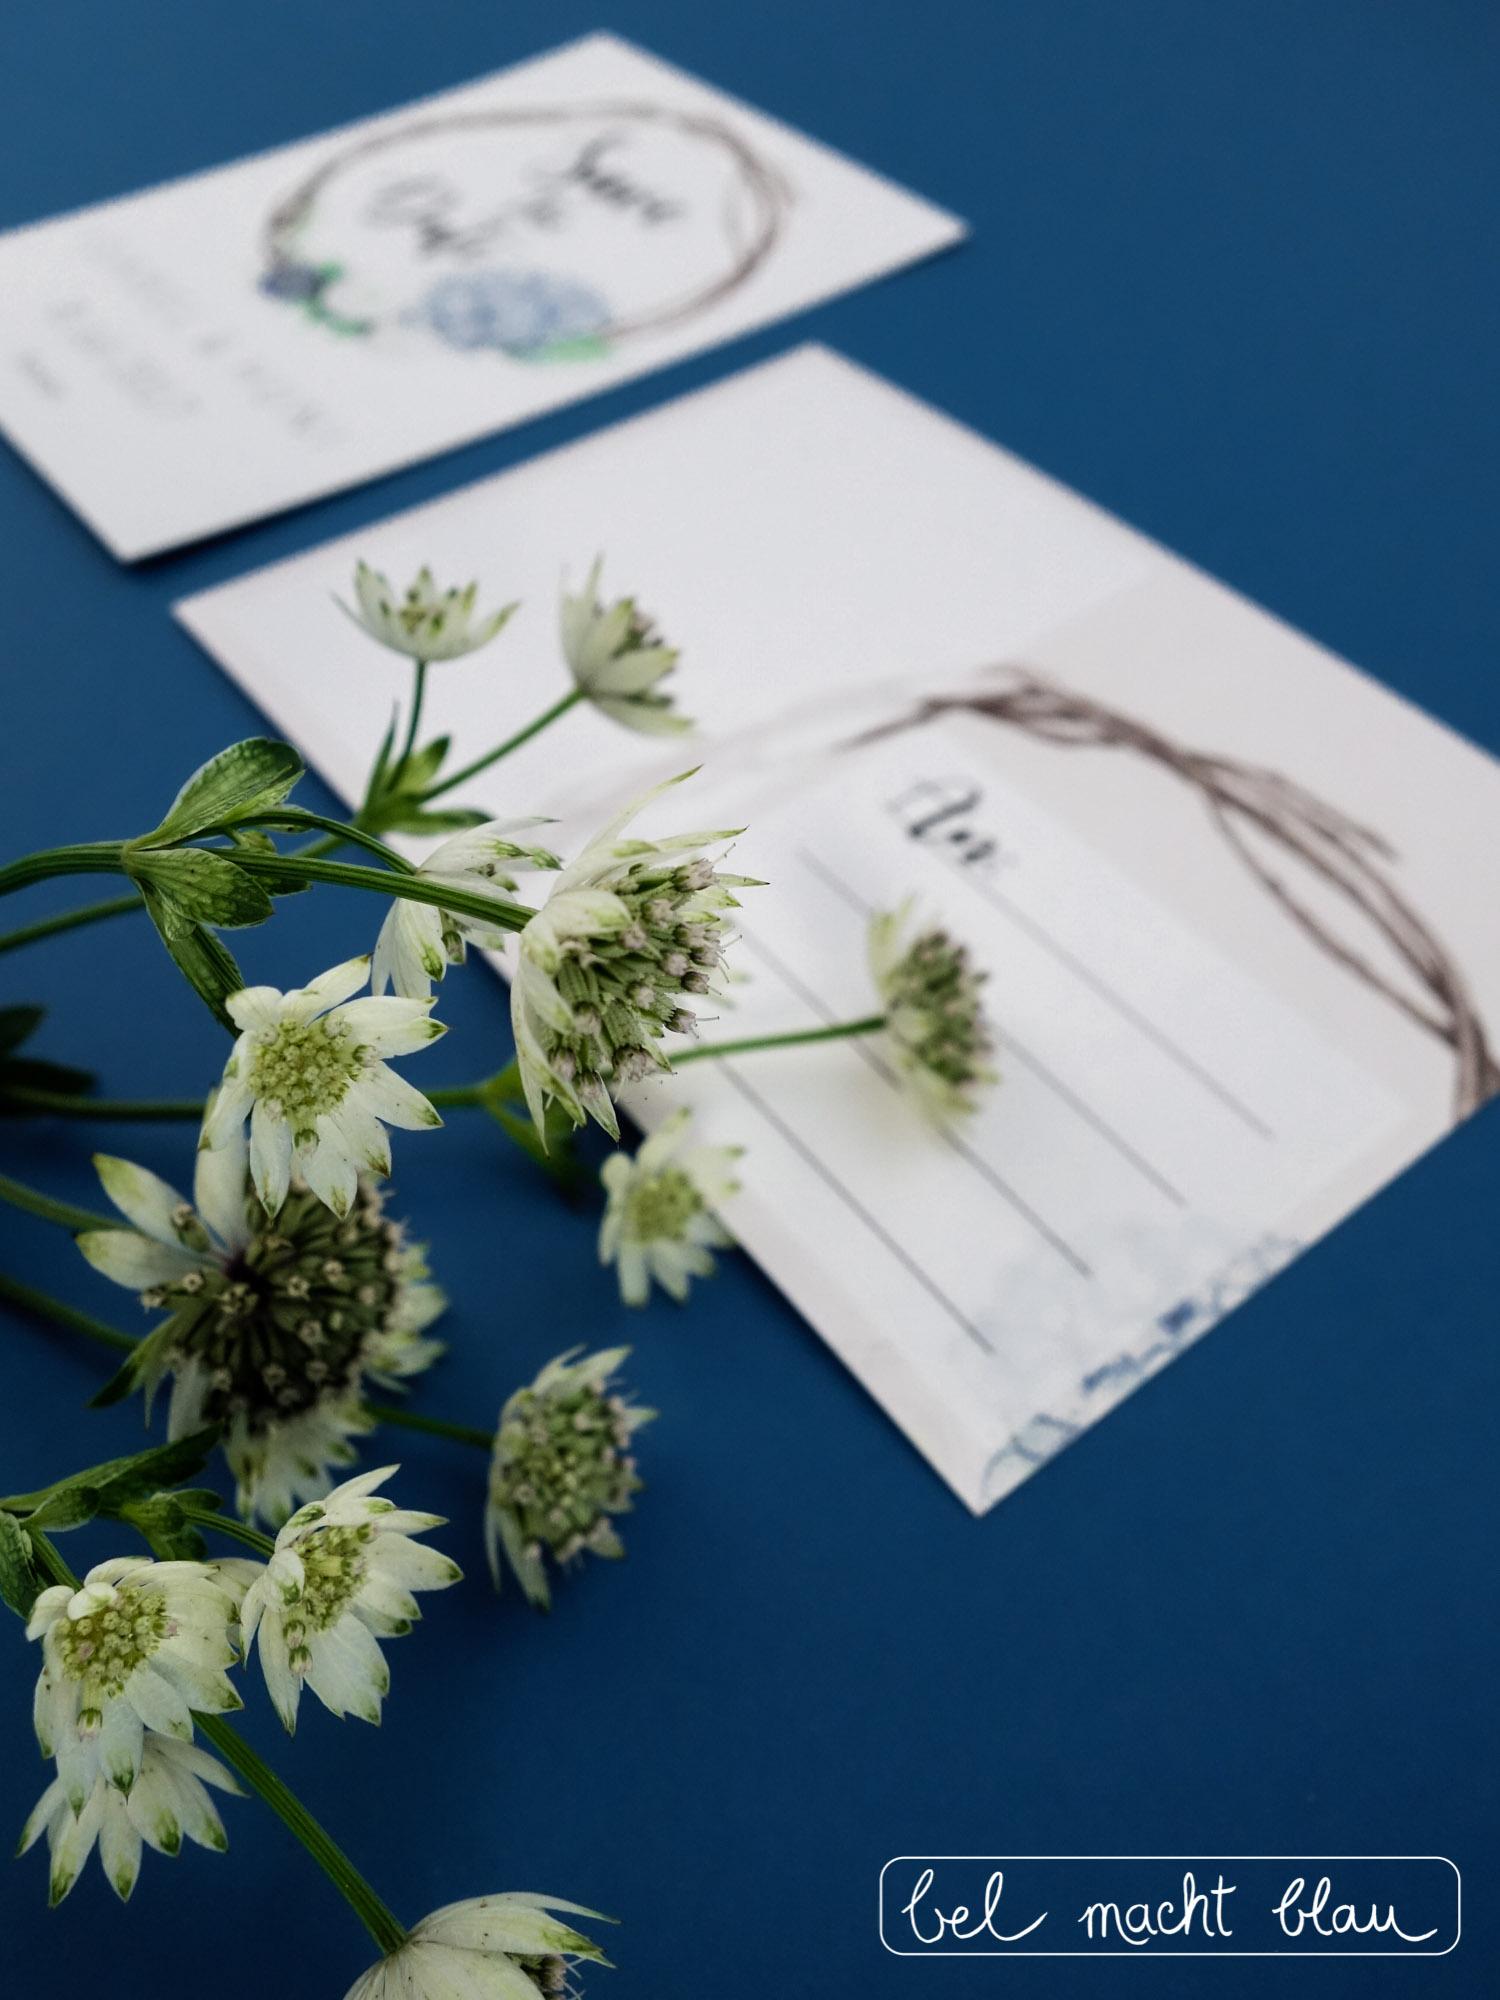 Save-the-Date-Karte // Hortensien-Hochzeitspapeterie für unsere Familienhochzeit // Illustrationen von Isabel Dehmel // wedding // blue hydrangea